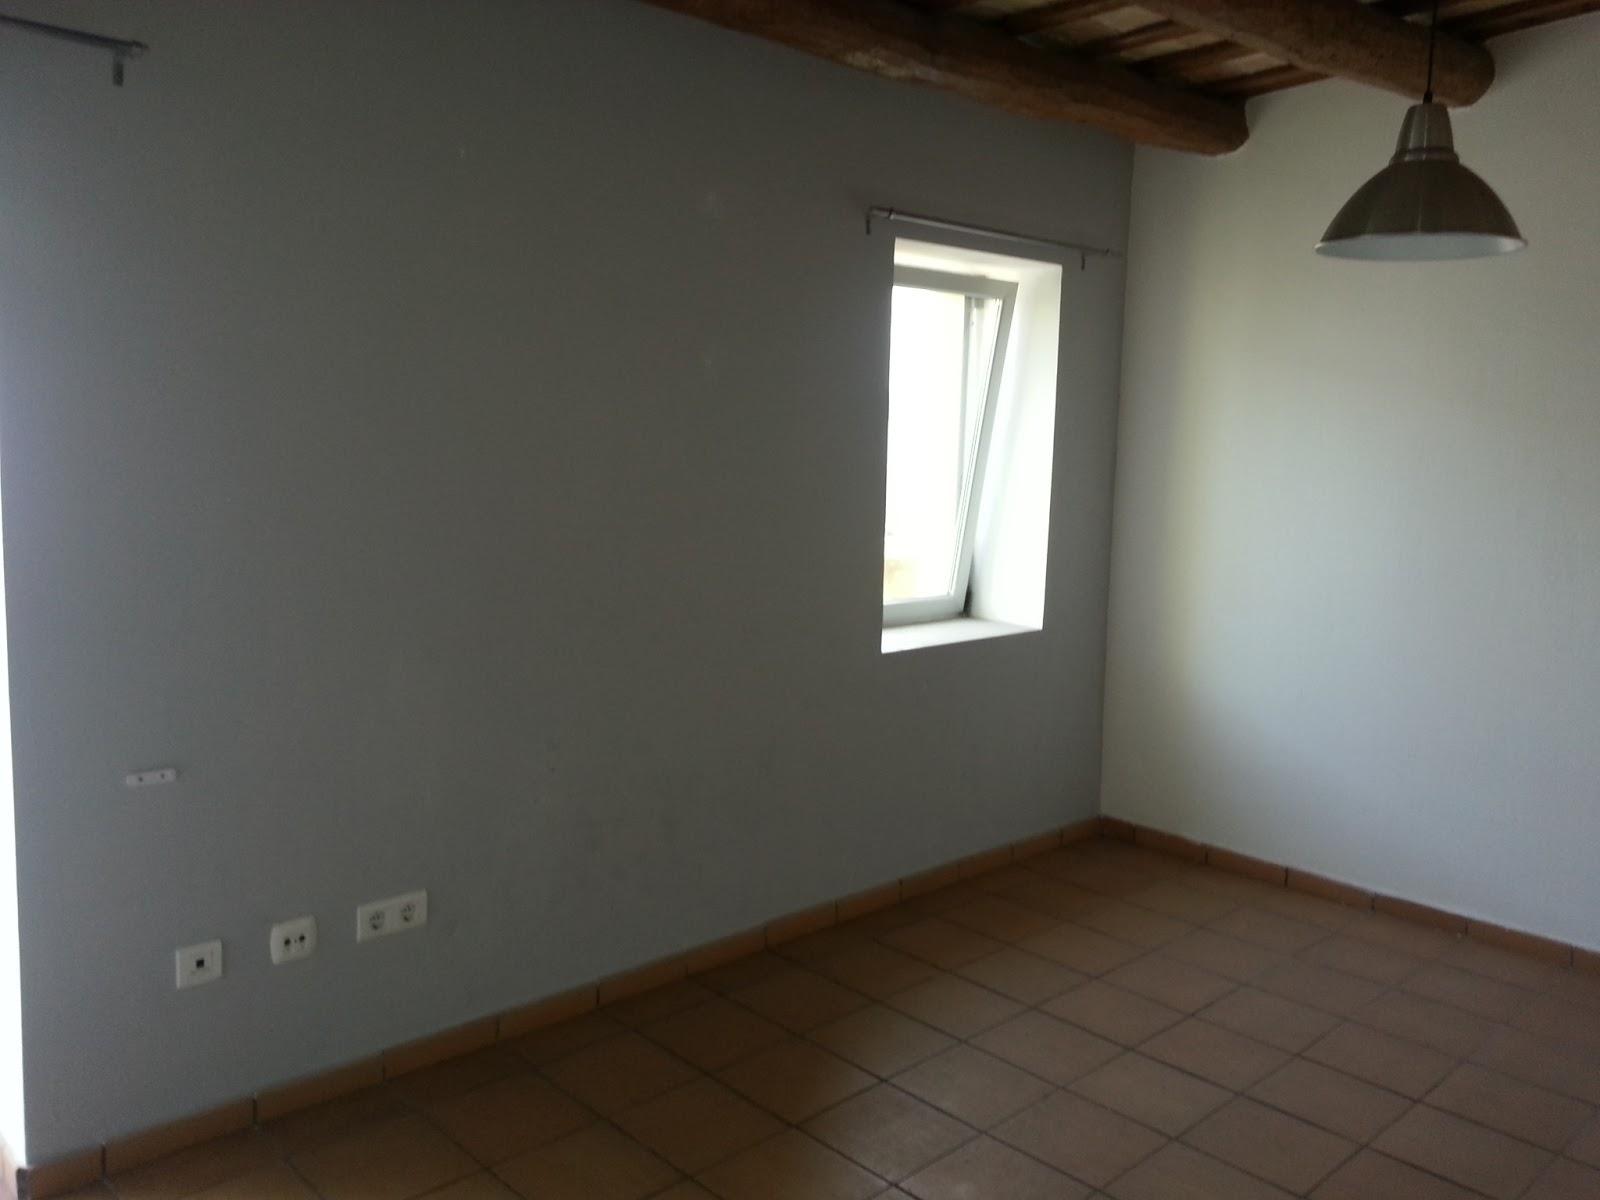 Alquilame garraf piso en alquiler en vilanova i la geltru - Compartir piso vilanova i la geltru ...